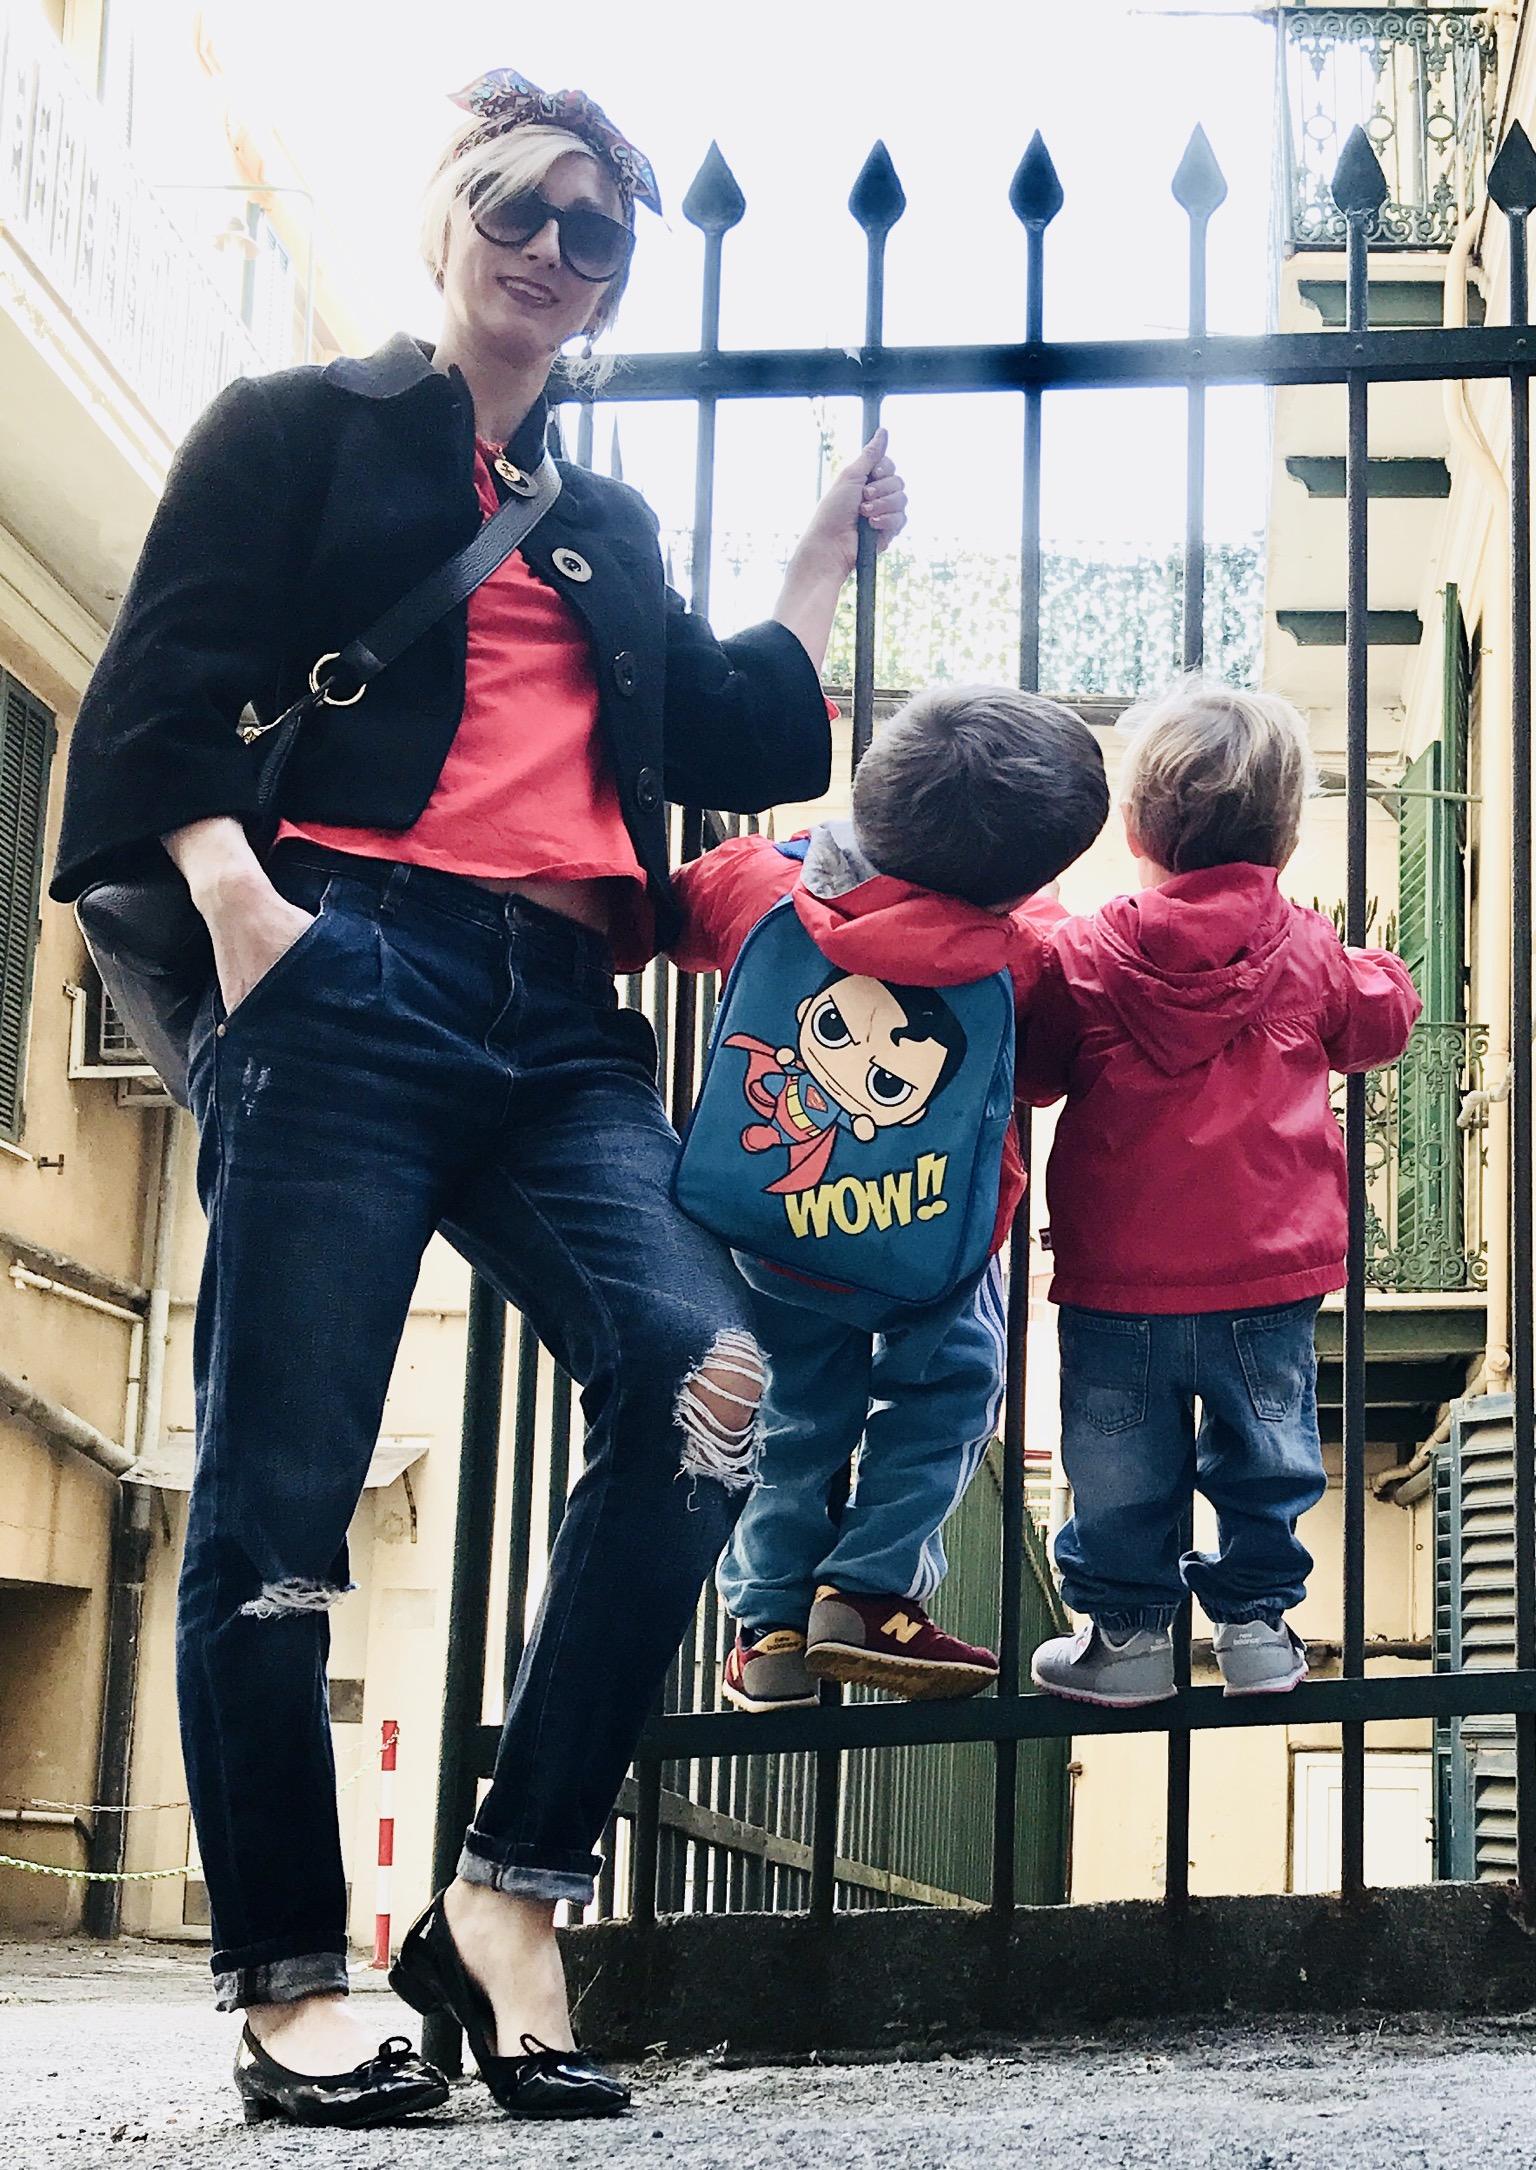 L'ambivalenza dell'essere madre: figlio mio, vai per la tua strada. No. Stai con me.